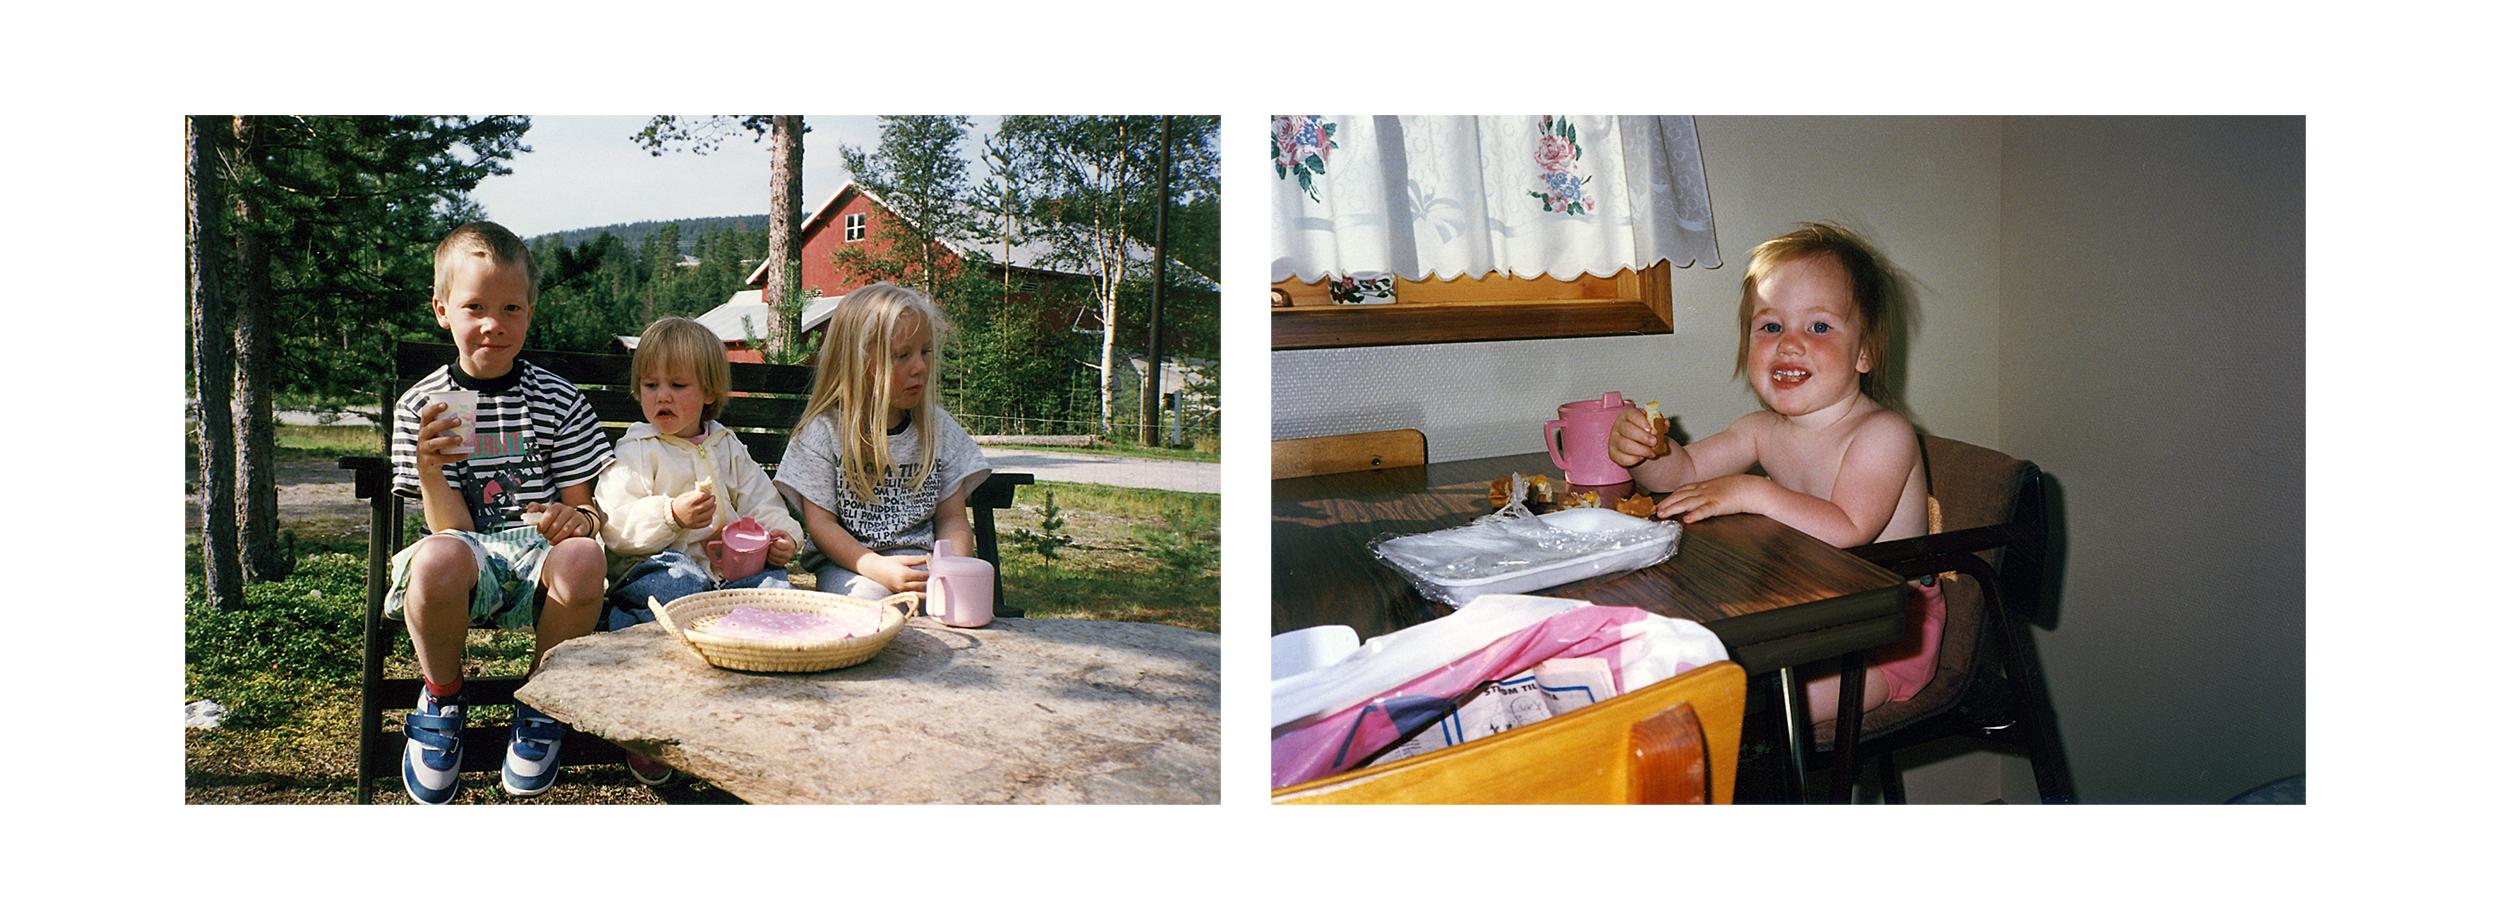 mittBarndomsparadis_tuvaKleven_032.jpg